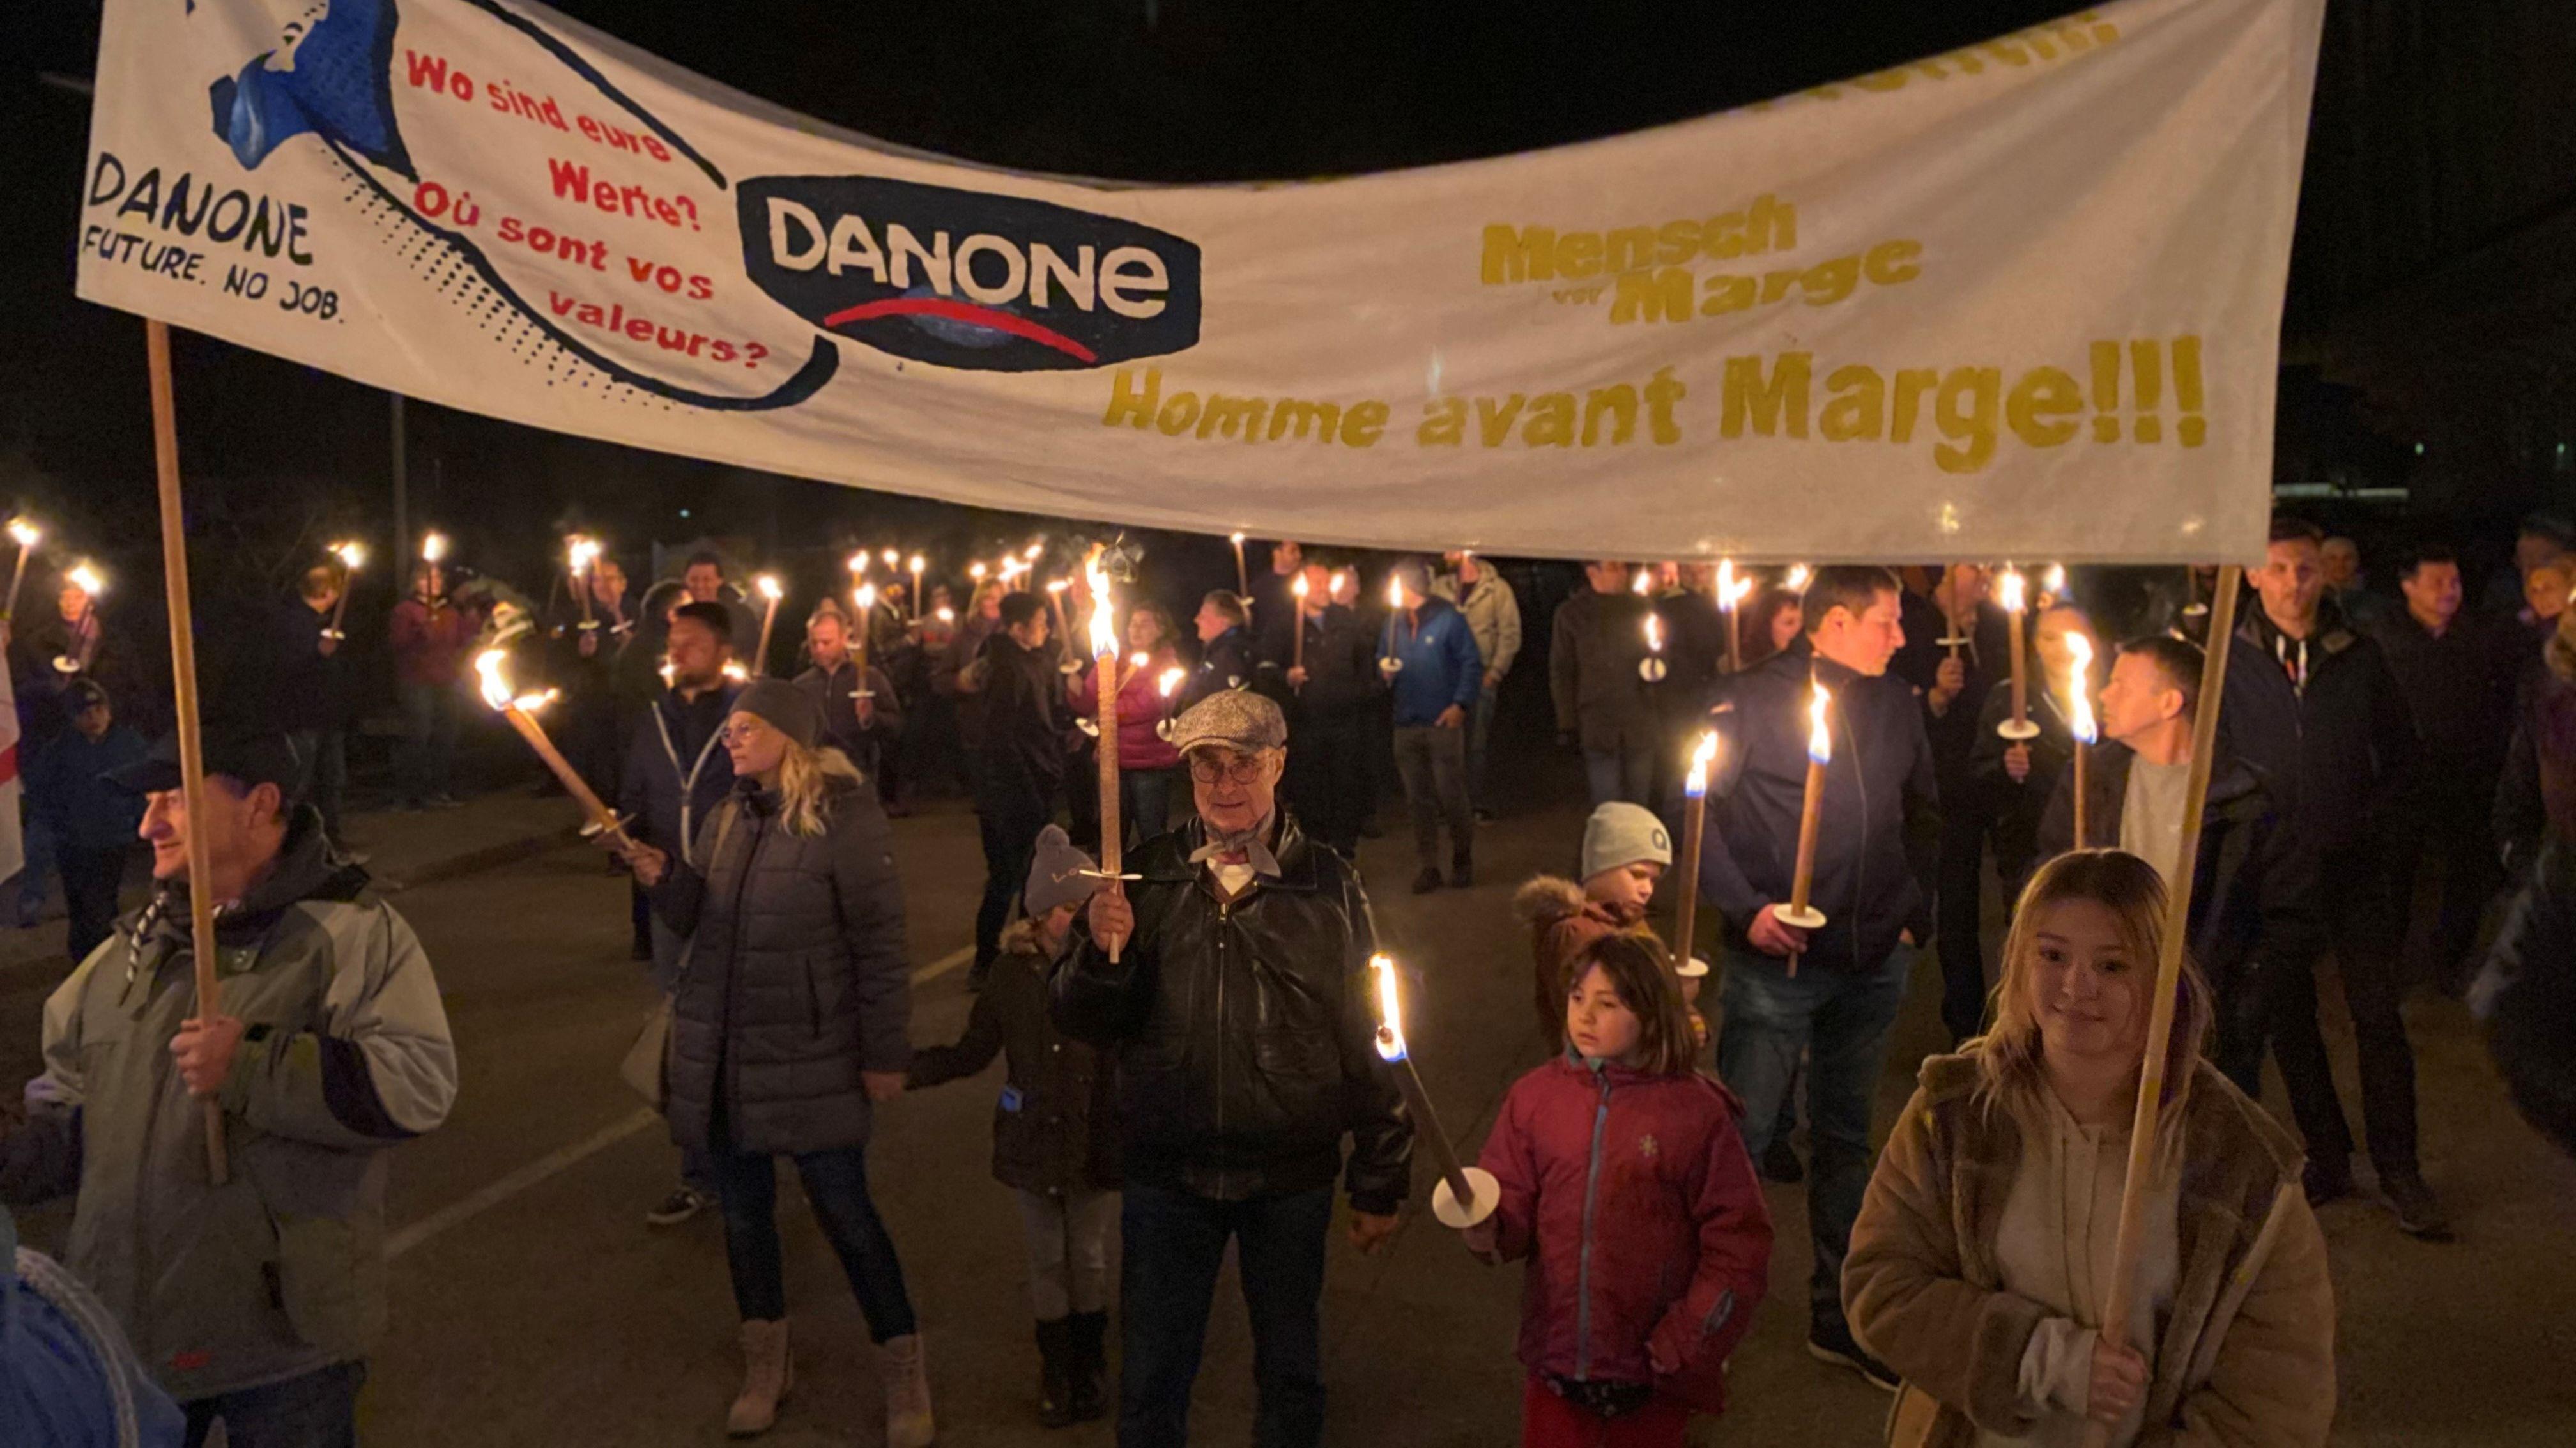 Protestaktion in Rosenheim gegen Schließung des Danone-Werks